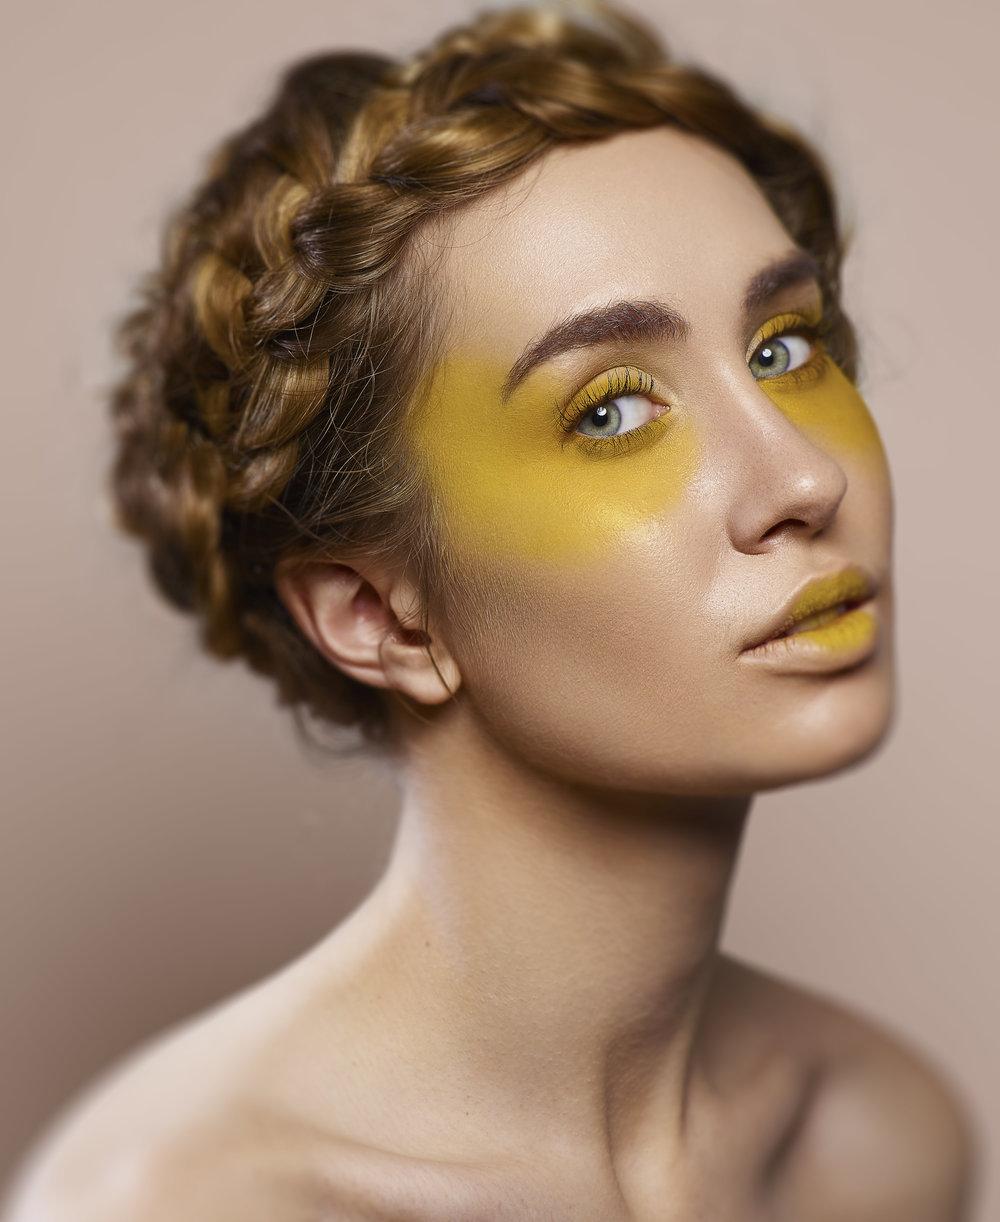 Shustring Beauty© FullFrameFX (6 of 16) 2.jpg